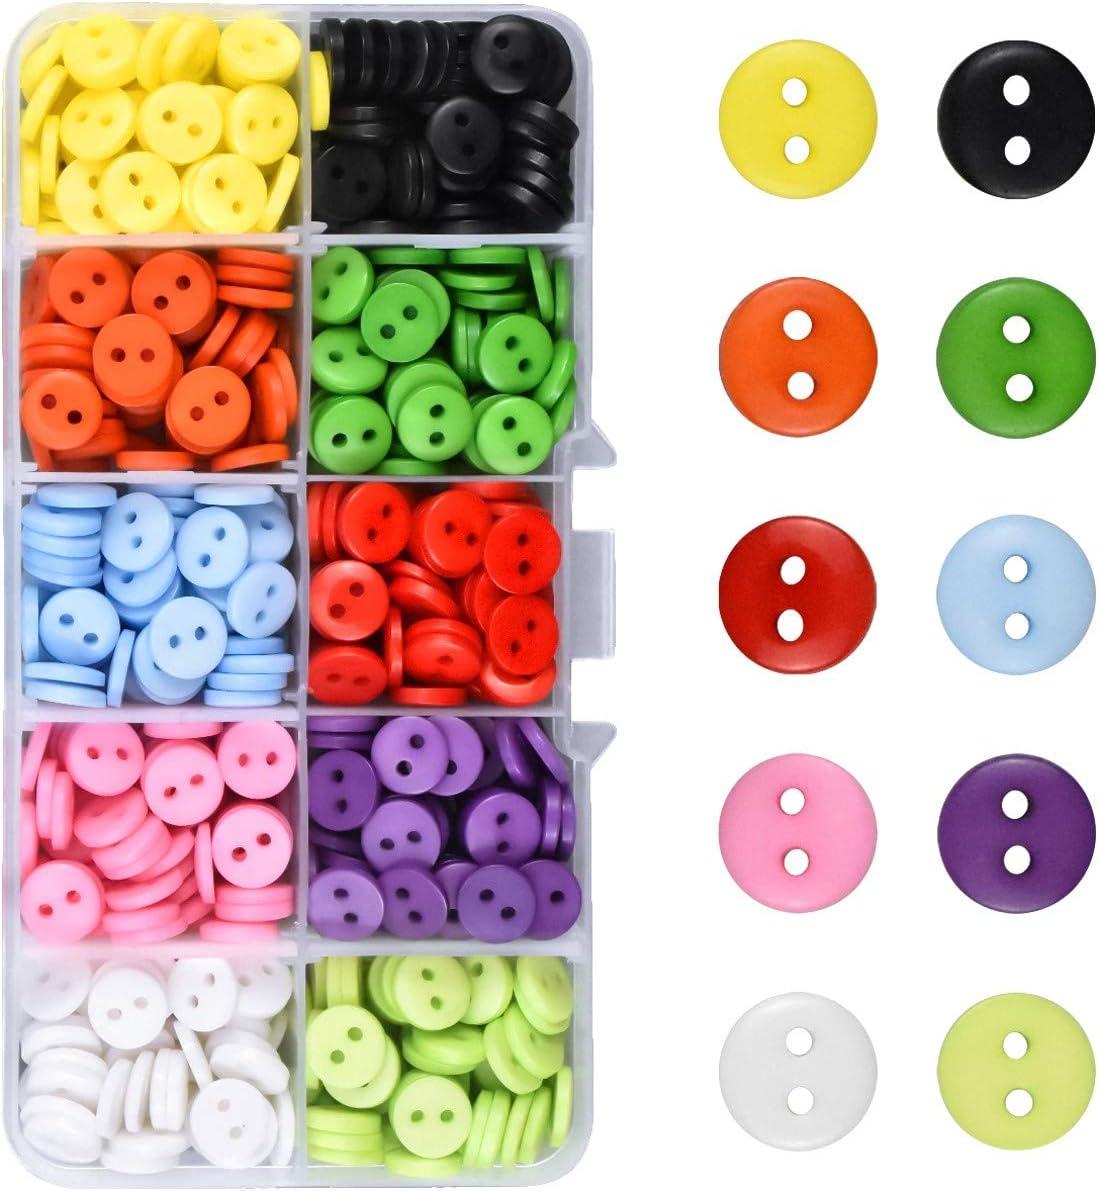 Kissral Bottoni Colorati Set di 750 Bottoni Decorativi Rotondi Artigianali per Bambini Corrispondenti Bottoni da Cucire per attivit/à Ricreative Creative Maglieria Conteggio Multicolore